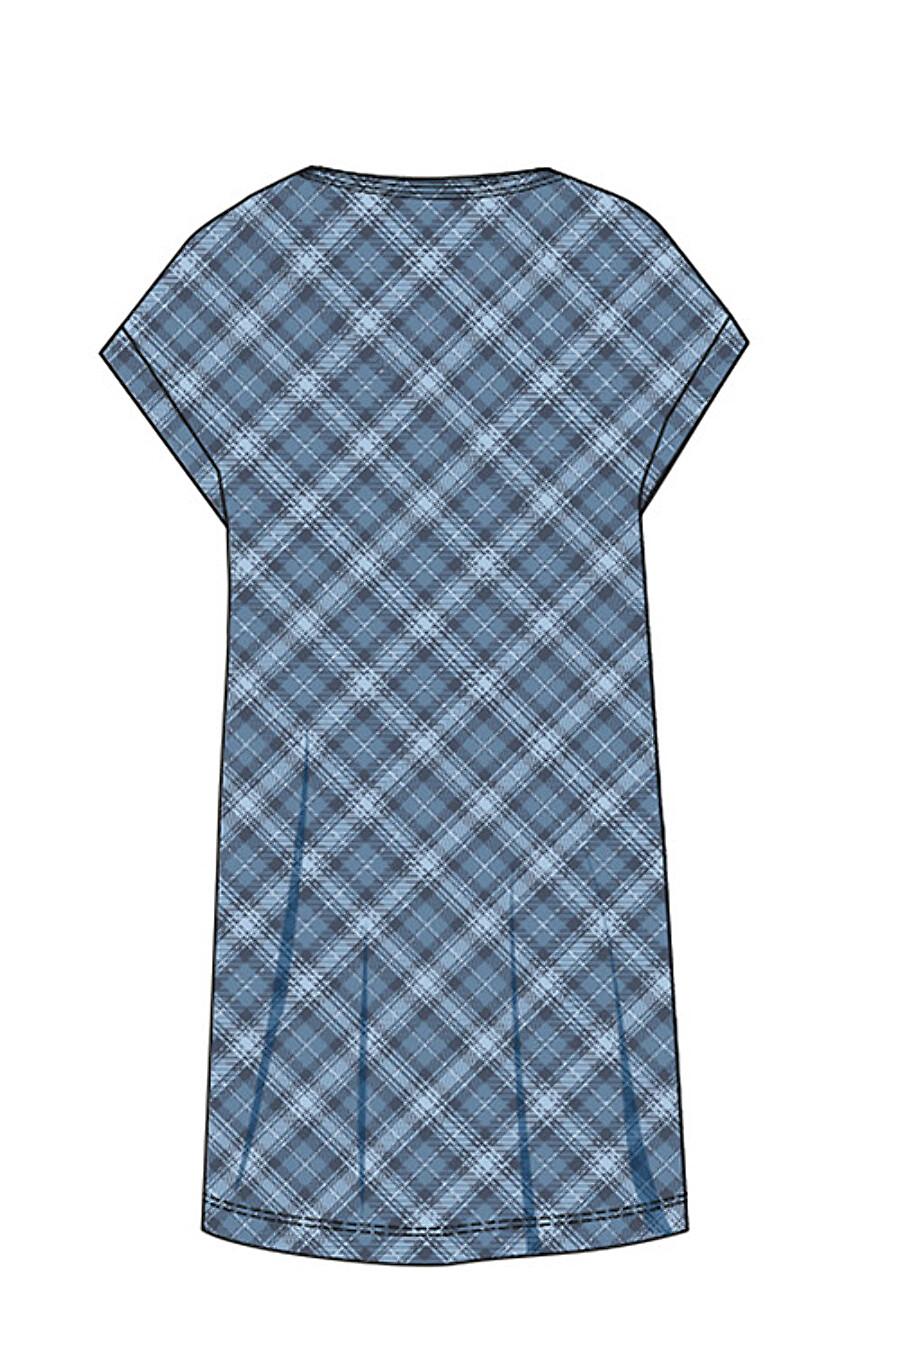 Платье для женщин CLEVER 175998 купить оптом от производителя. Совместная покупка женской одежды в OptMoyo